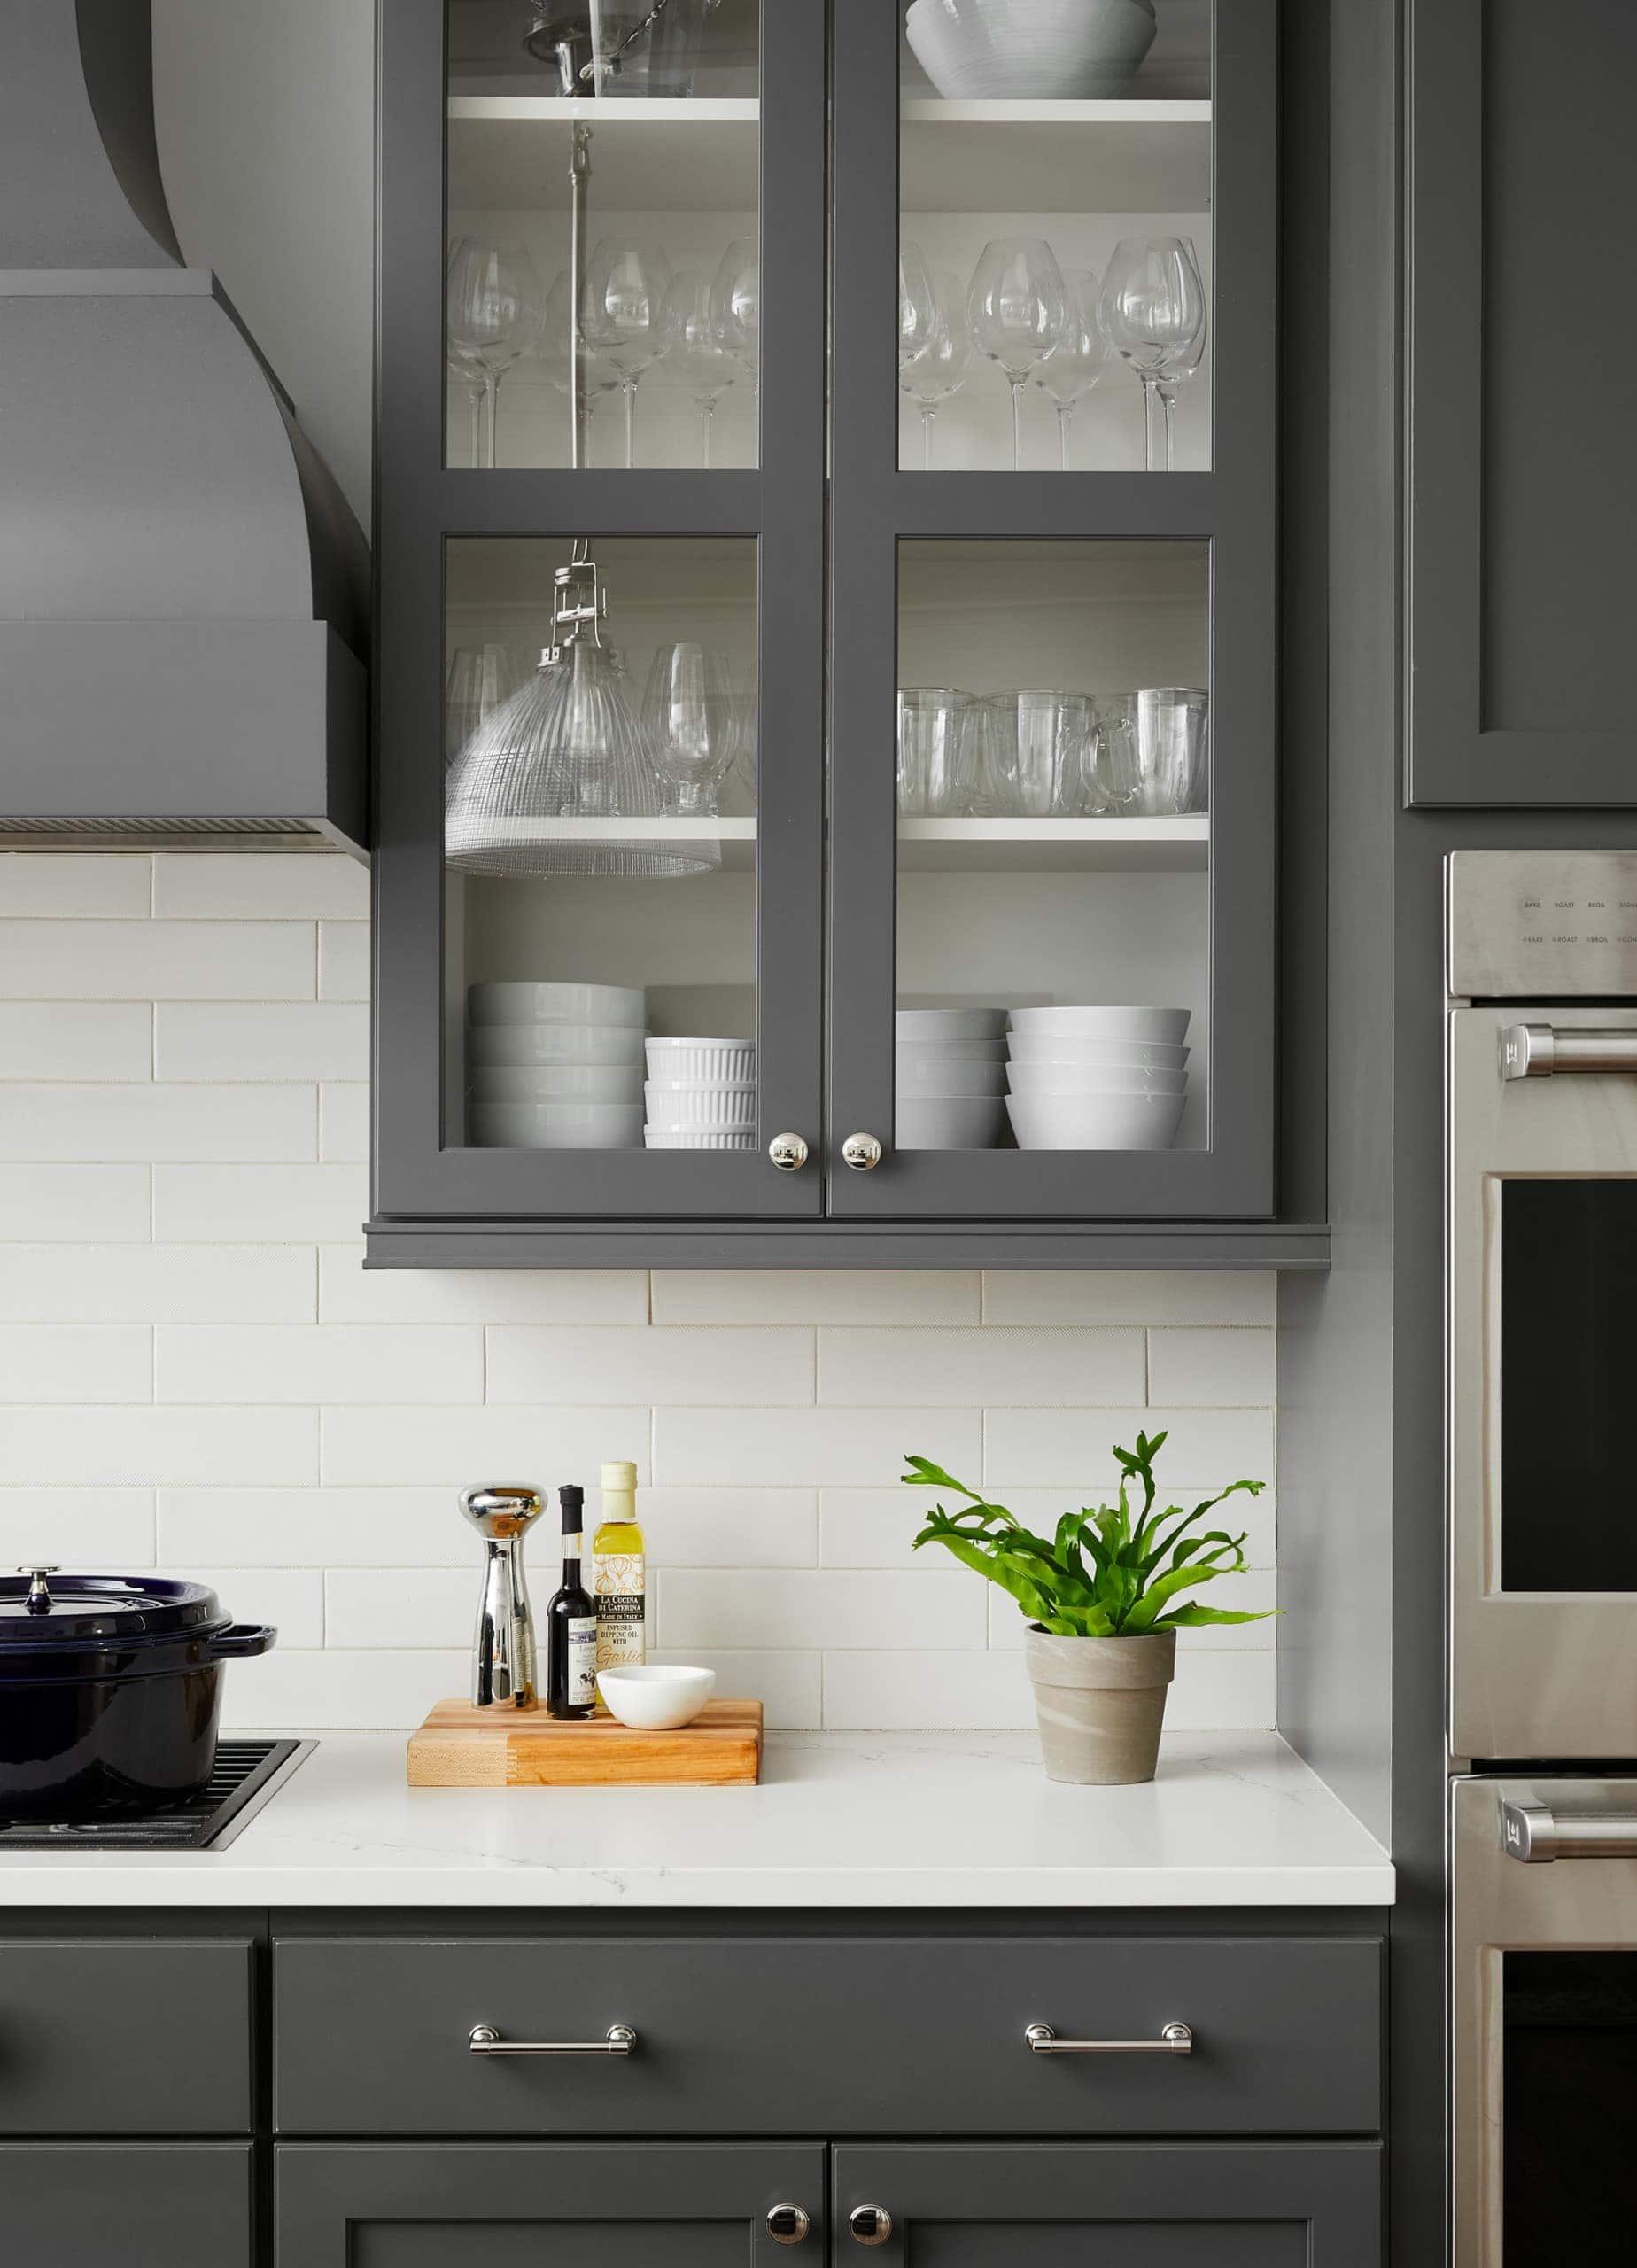 When to hire a kitchen designer